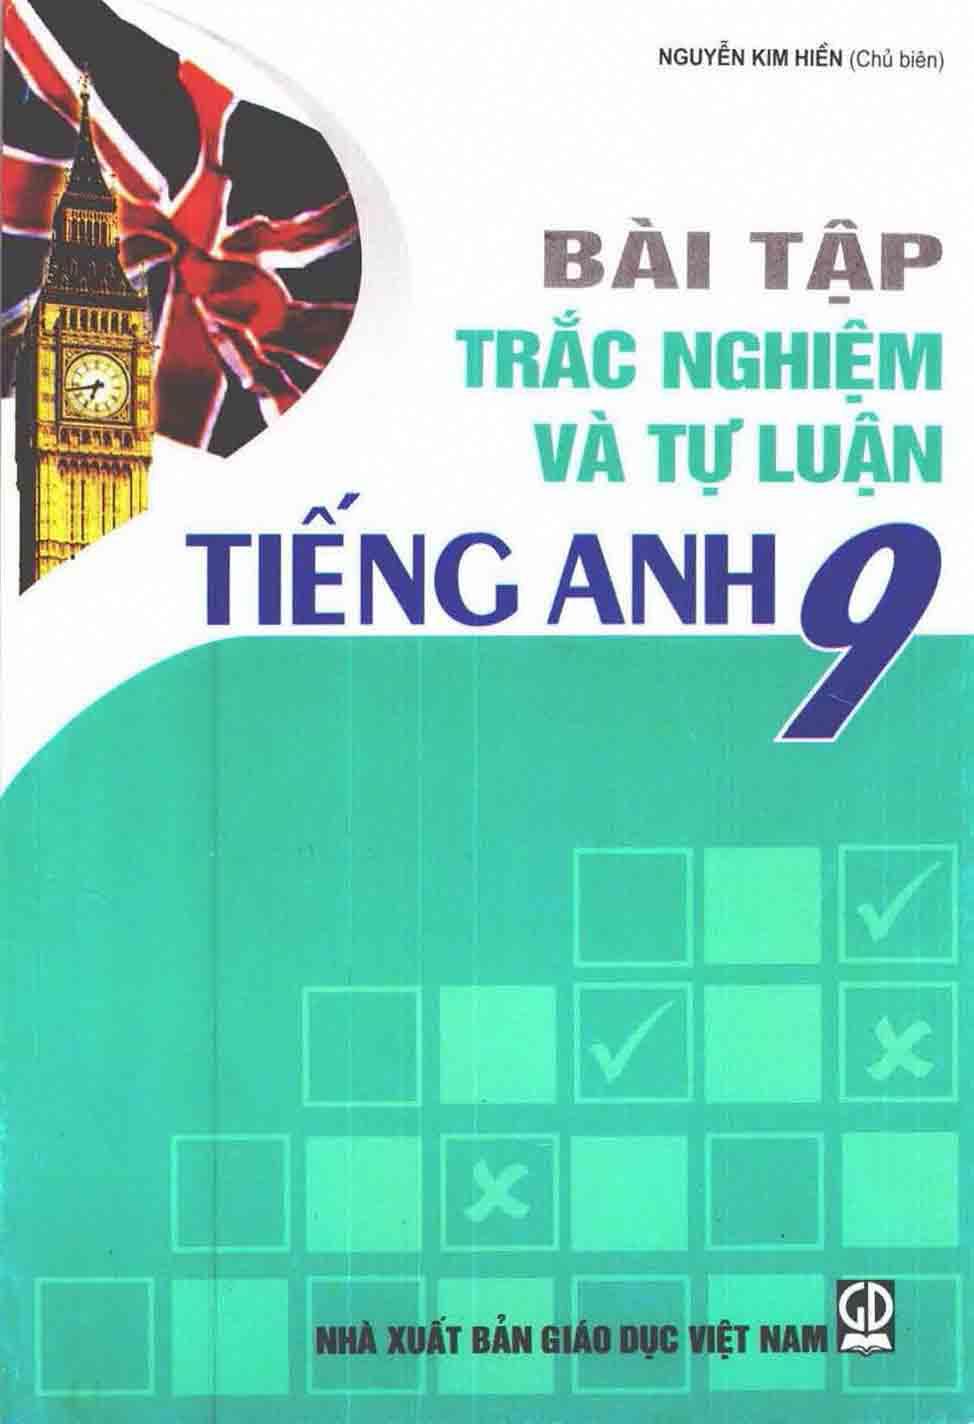 Bài tập trắc nghiệm và tự luận Tiếng Anh 9